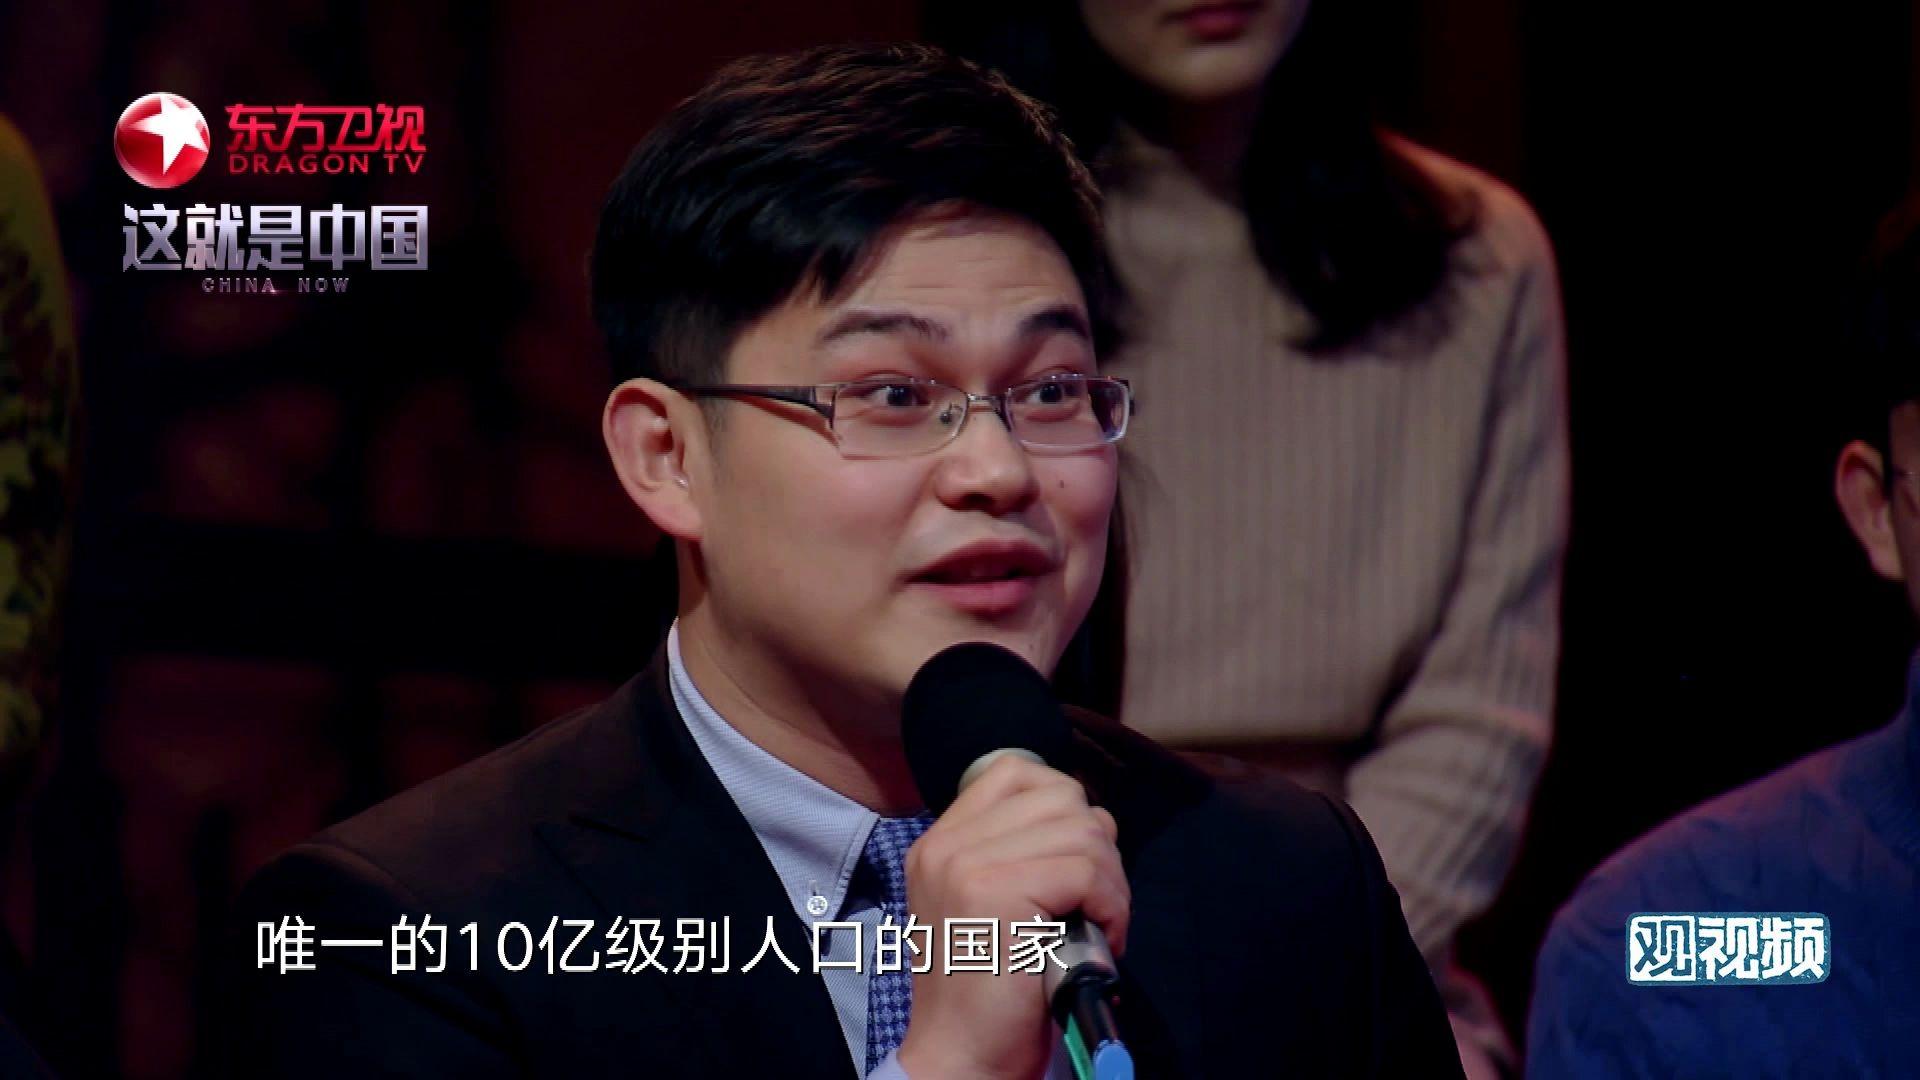 【这就是中国】毛克疾:种姓制度,当年却推动了印度历史的发展?